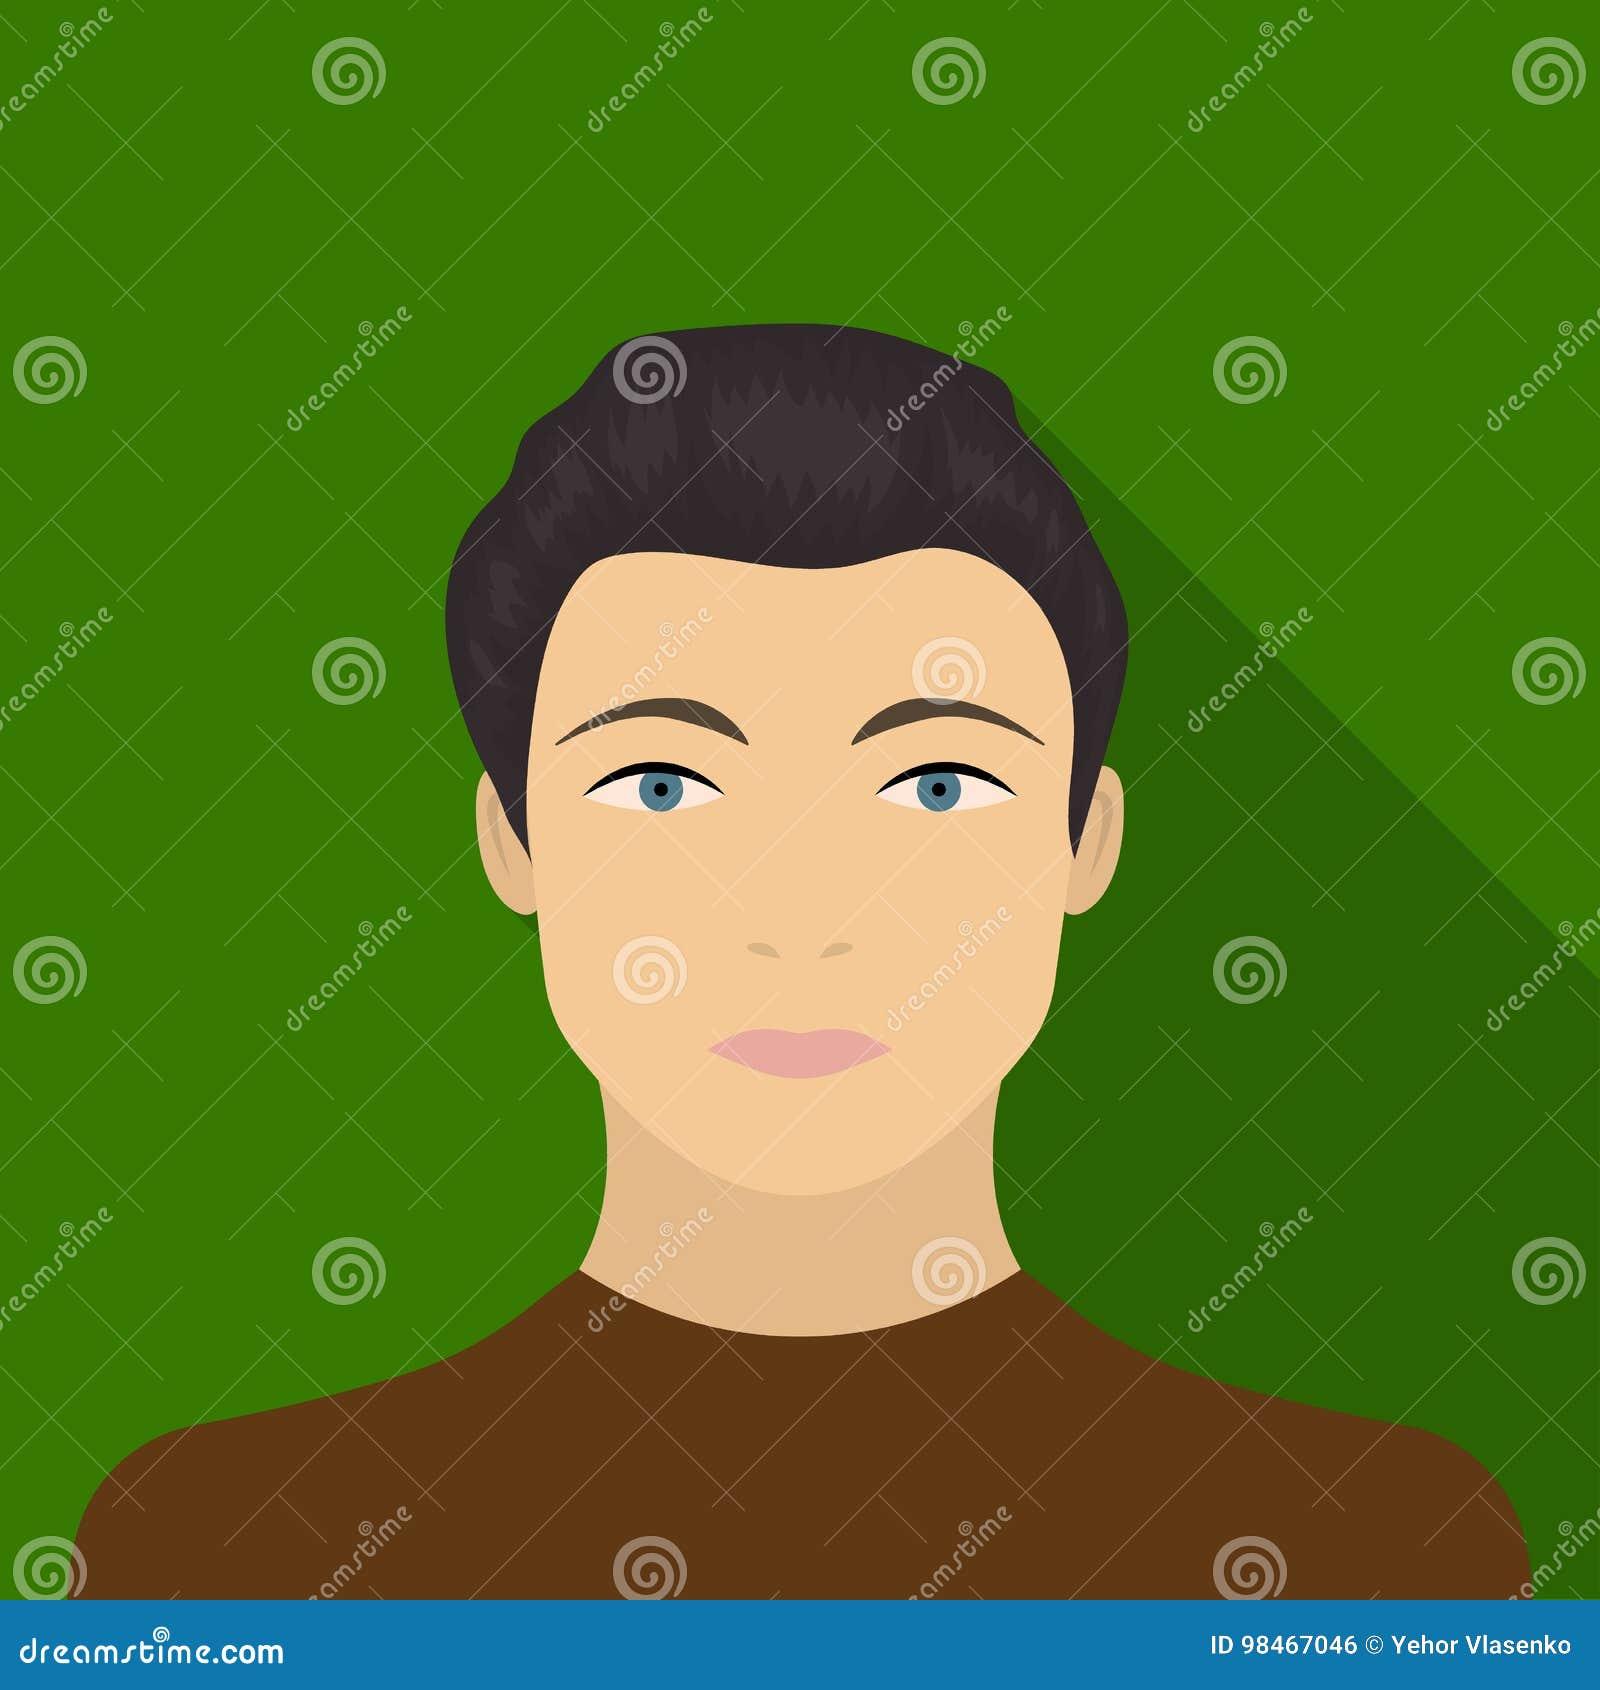 La cara de un individuo joven La cara e icono del aspecto el solo en estilo plano vector el web común del ejemplo del símbolo